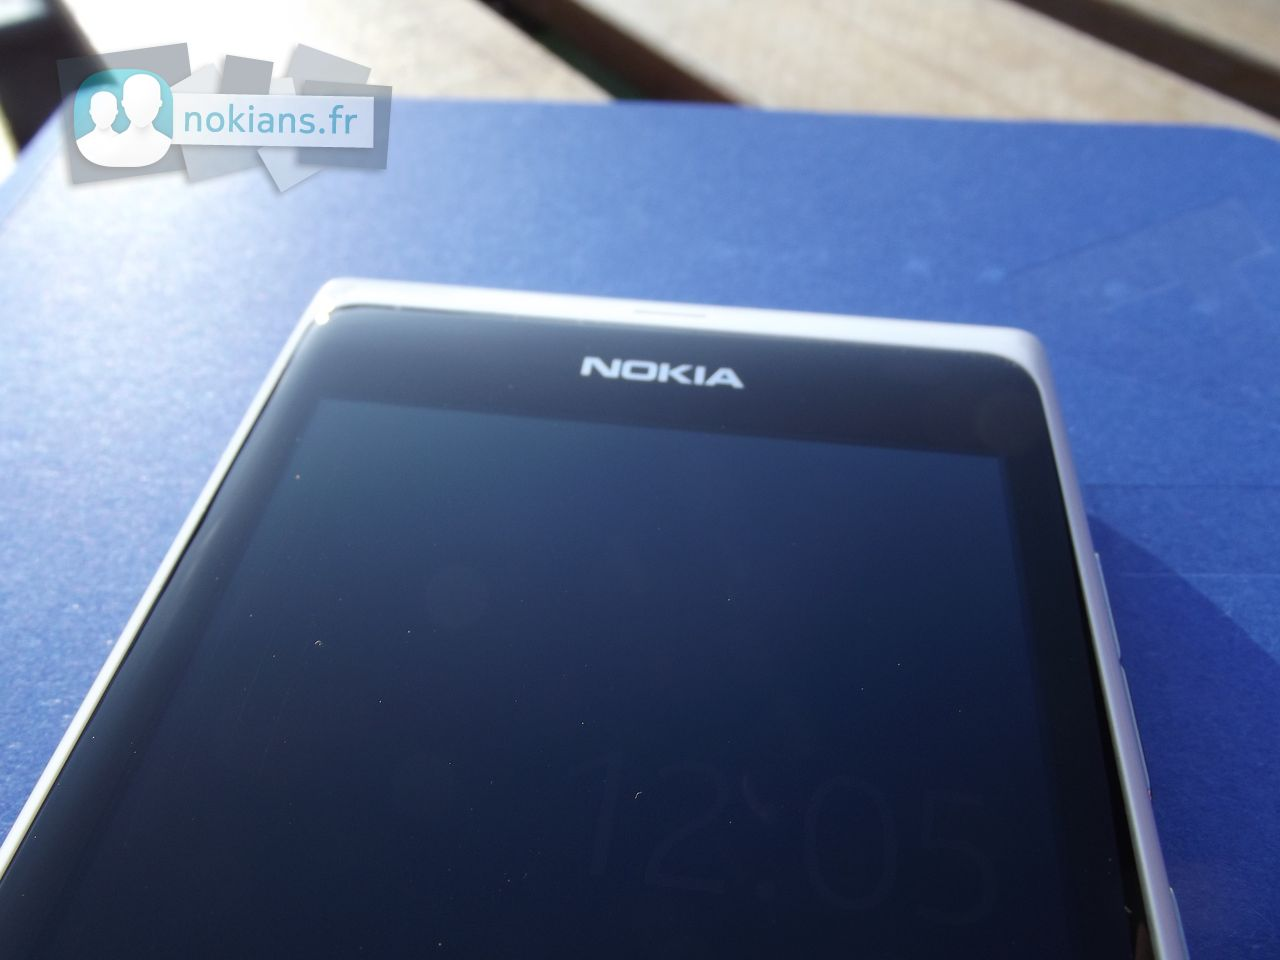 06-White_Nokia_N9_NokiansFr_06